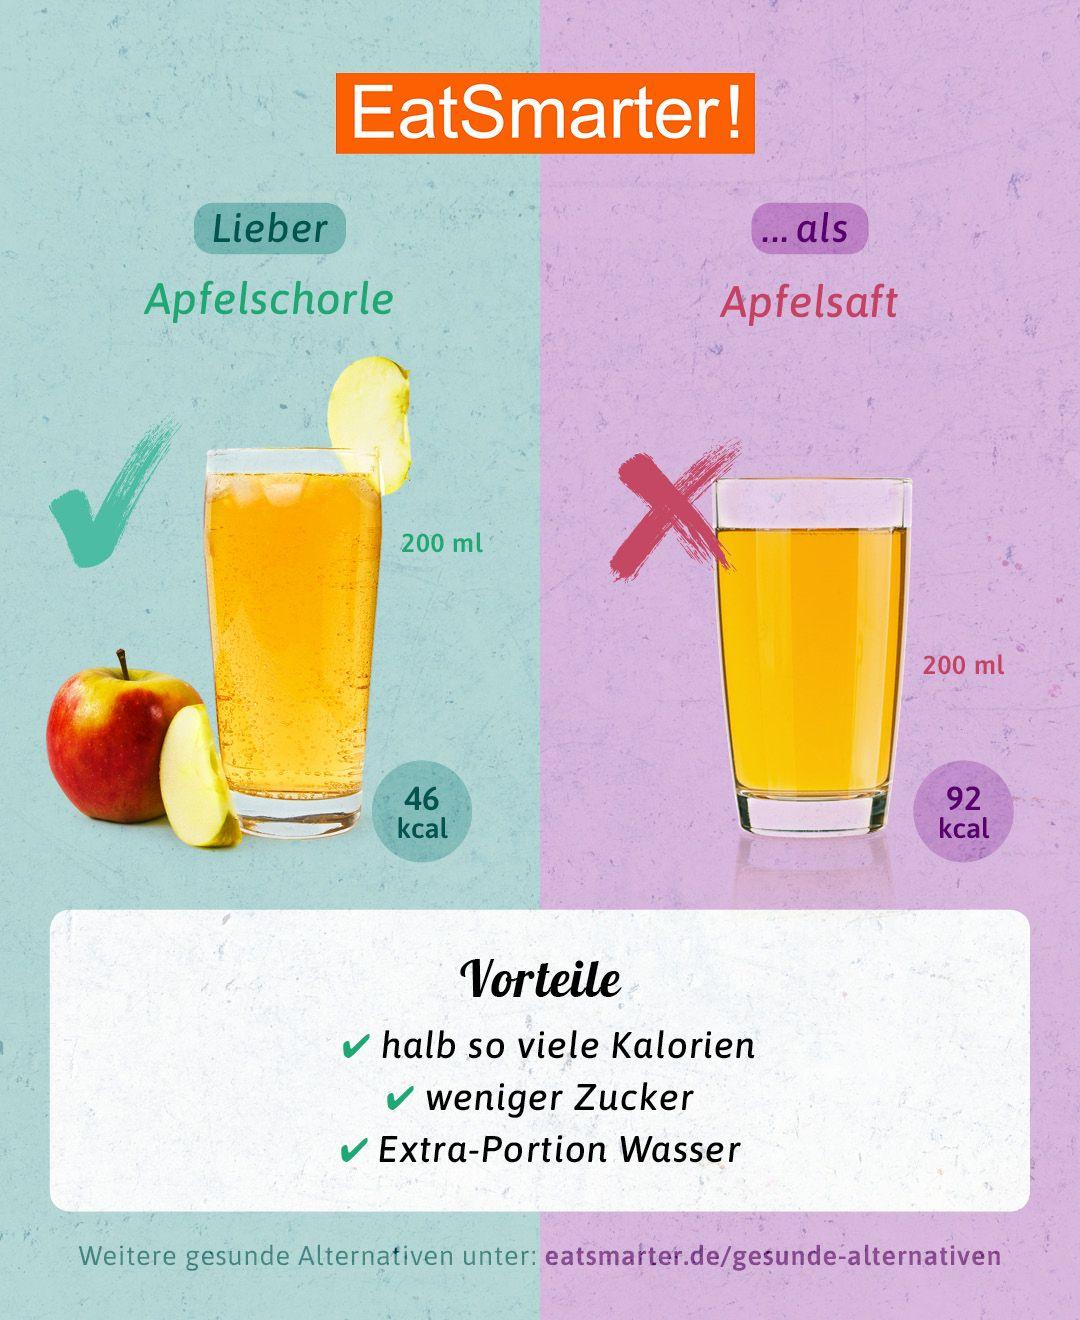 Gesunde Alternative: Apfelsaft oder Apfelschorle? #lattemacchiato